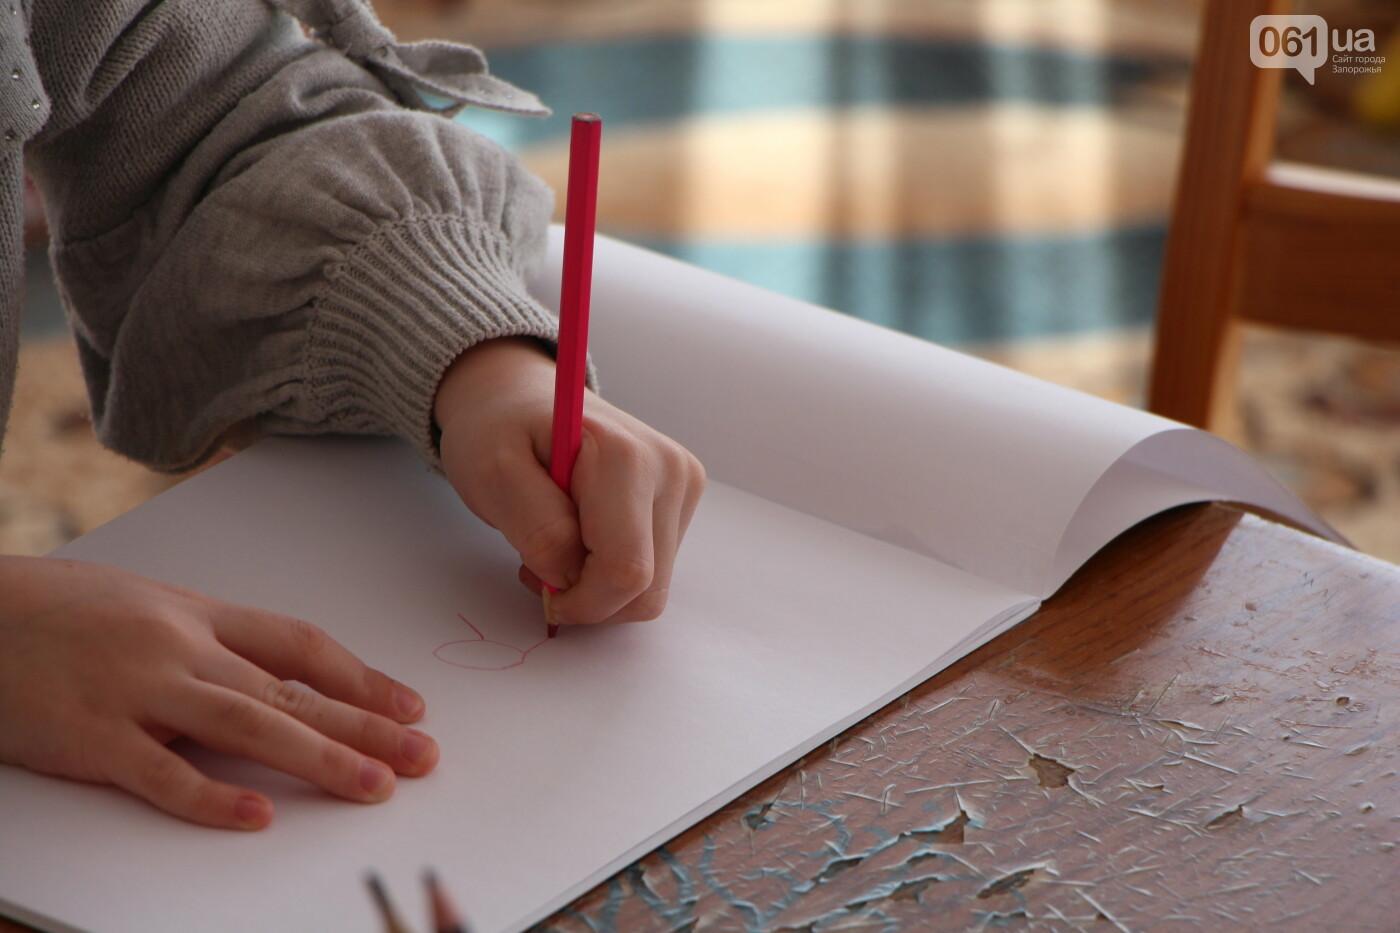 Познакомиться с будущим ребенком: как и почему волонтеры создают анкеты для запорожских сирот, фото-29